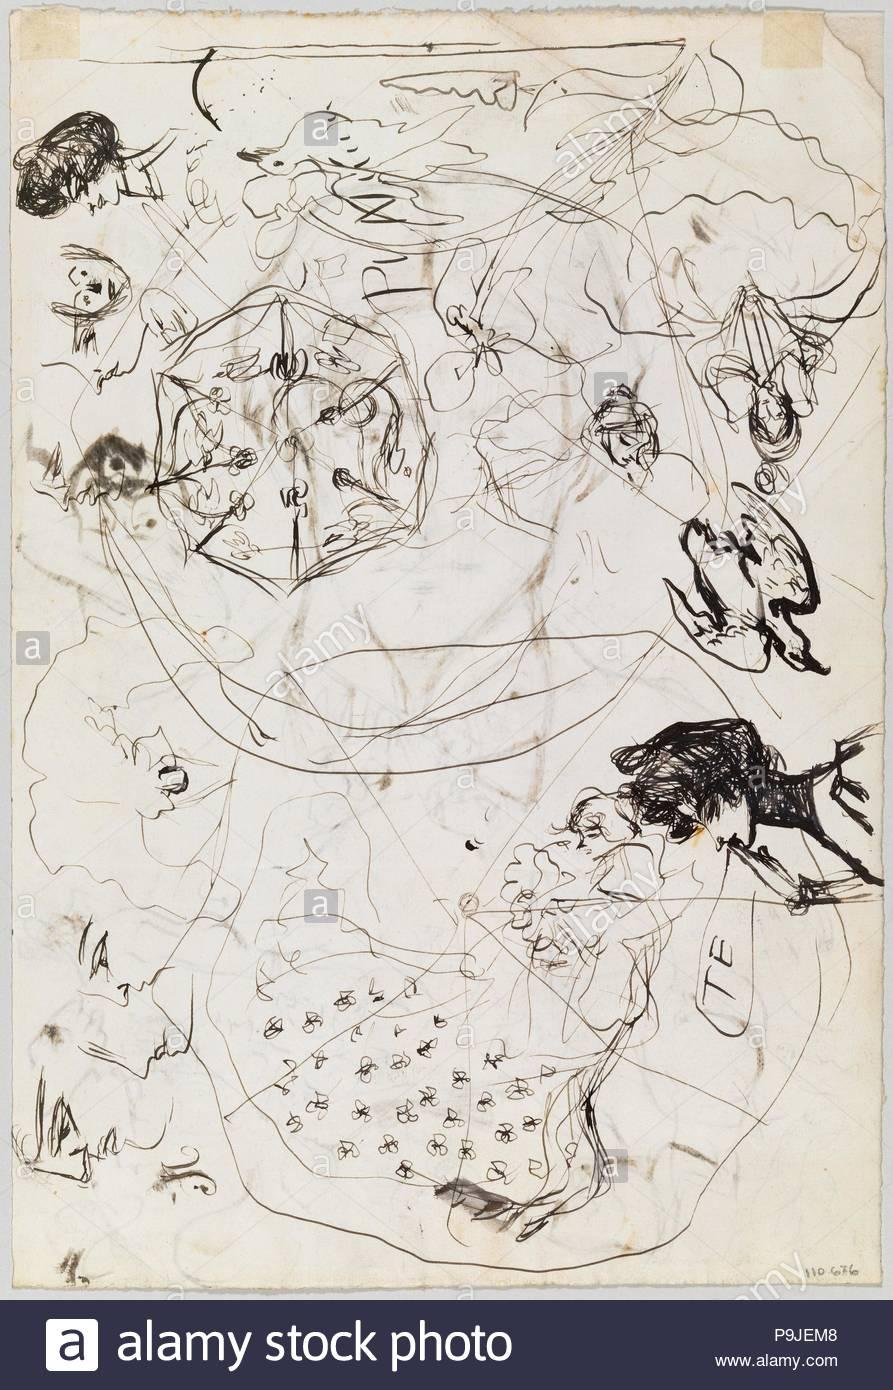 Pablo picasso sketch de un parapluie 1899 1900 dessin